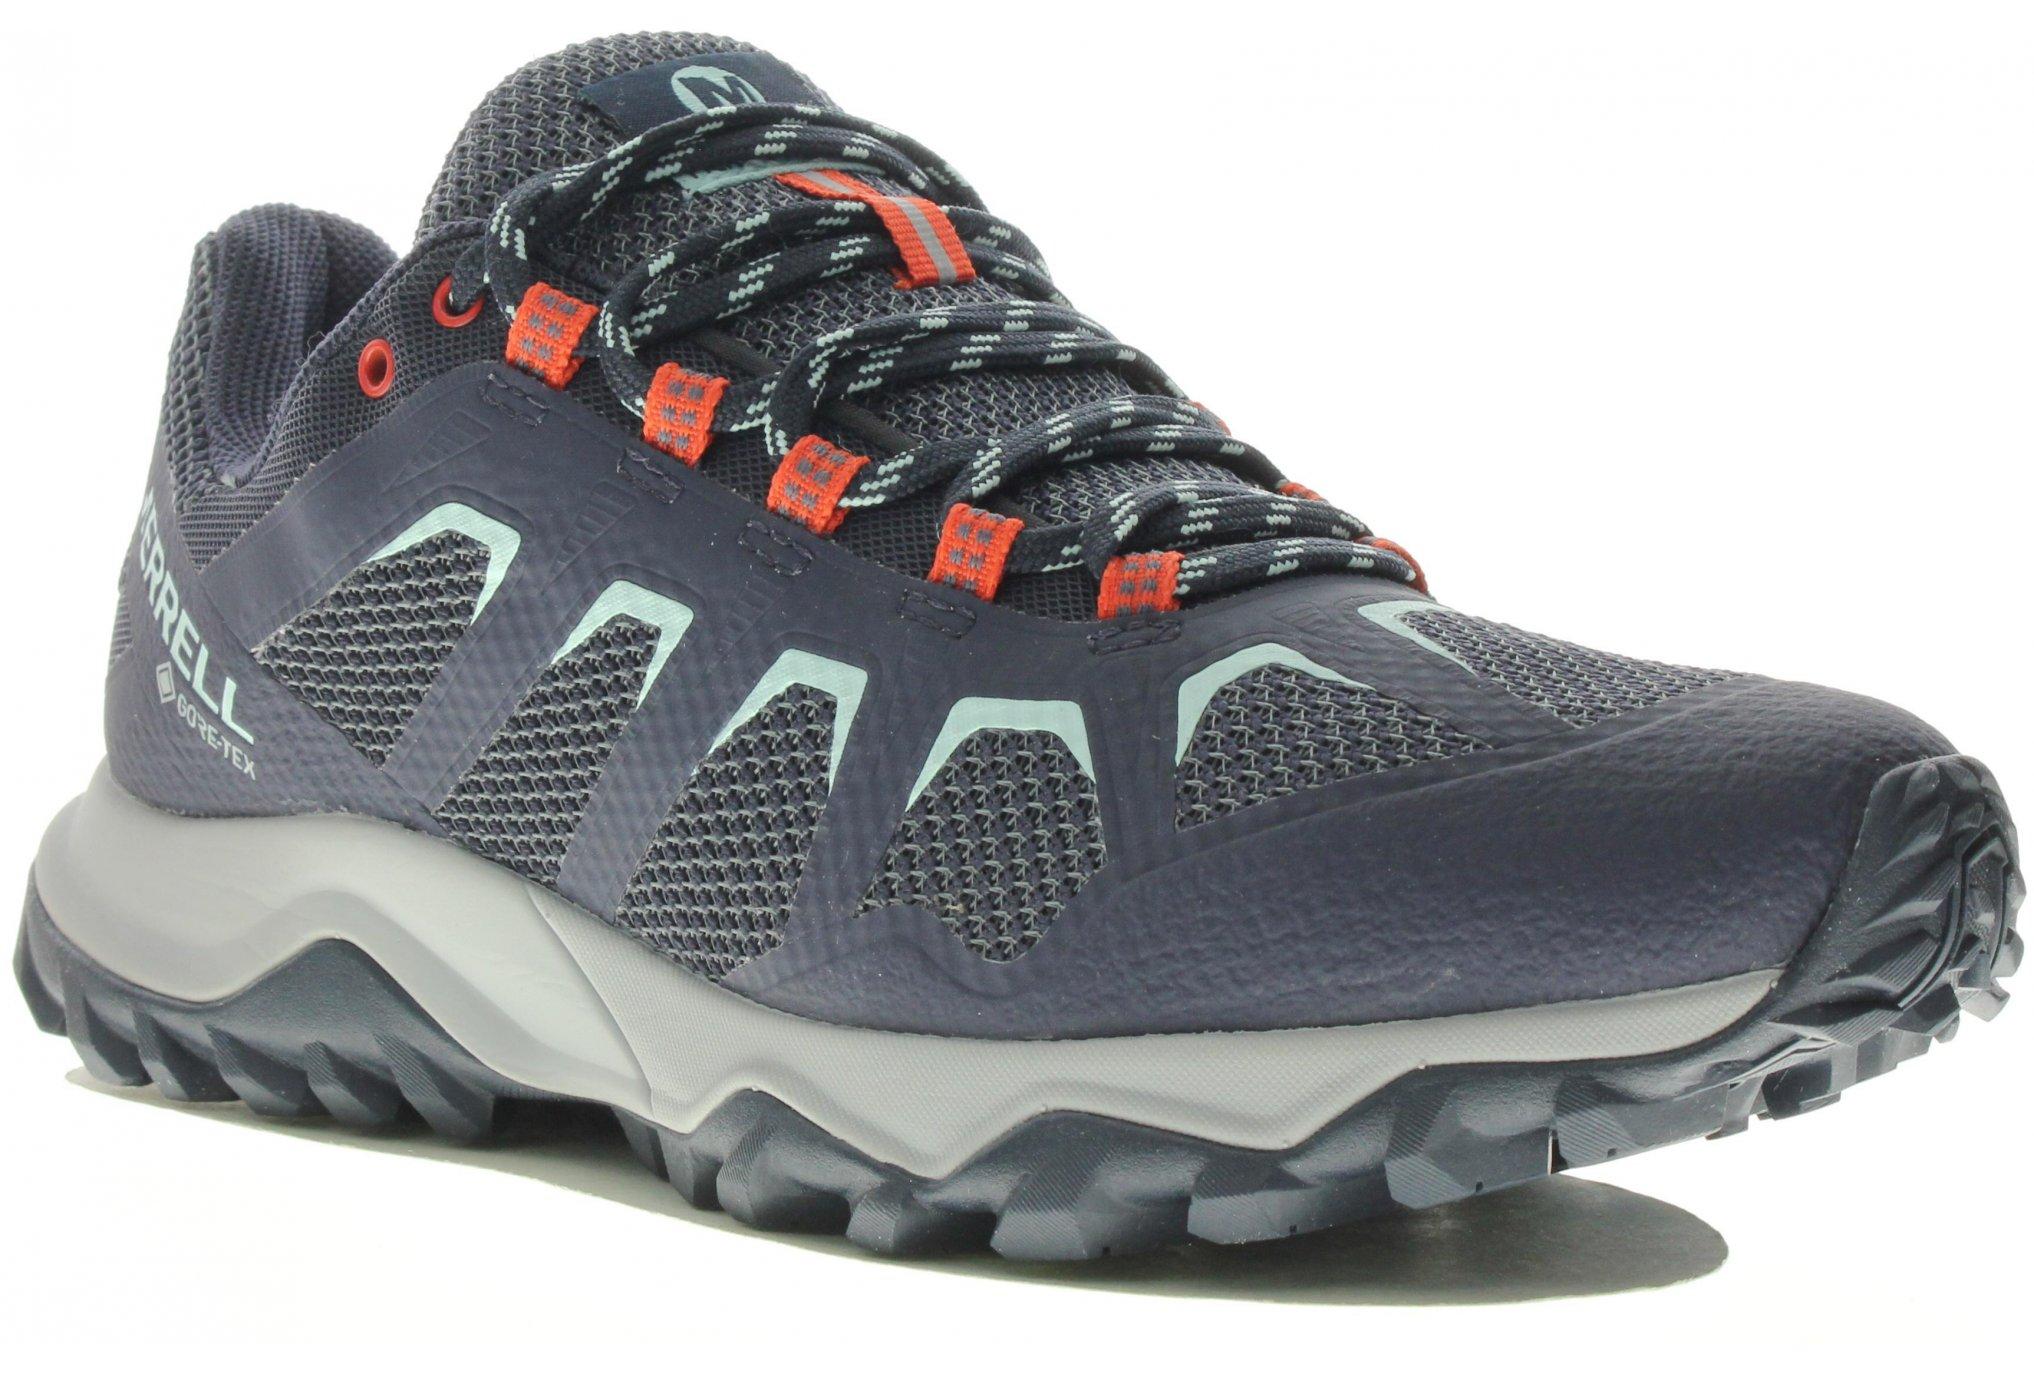 Merrell Fiery Gore-Tex Chaussures running femme